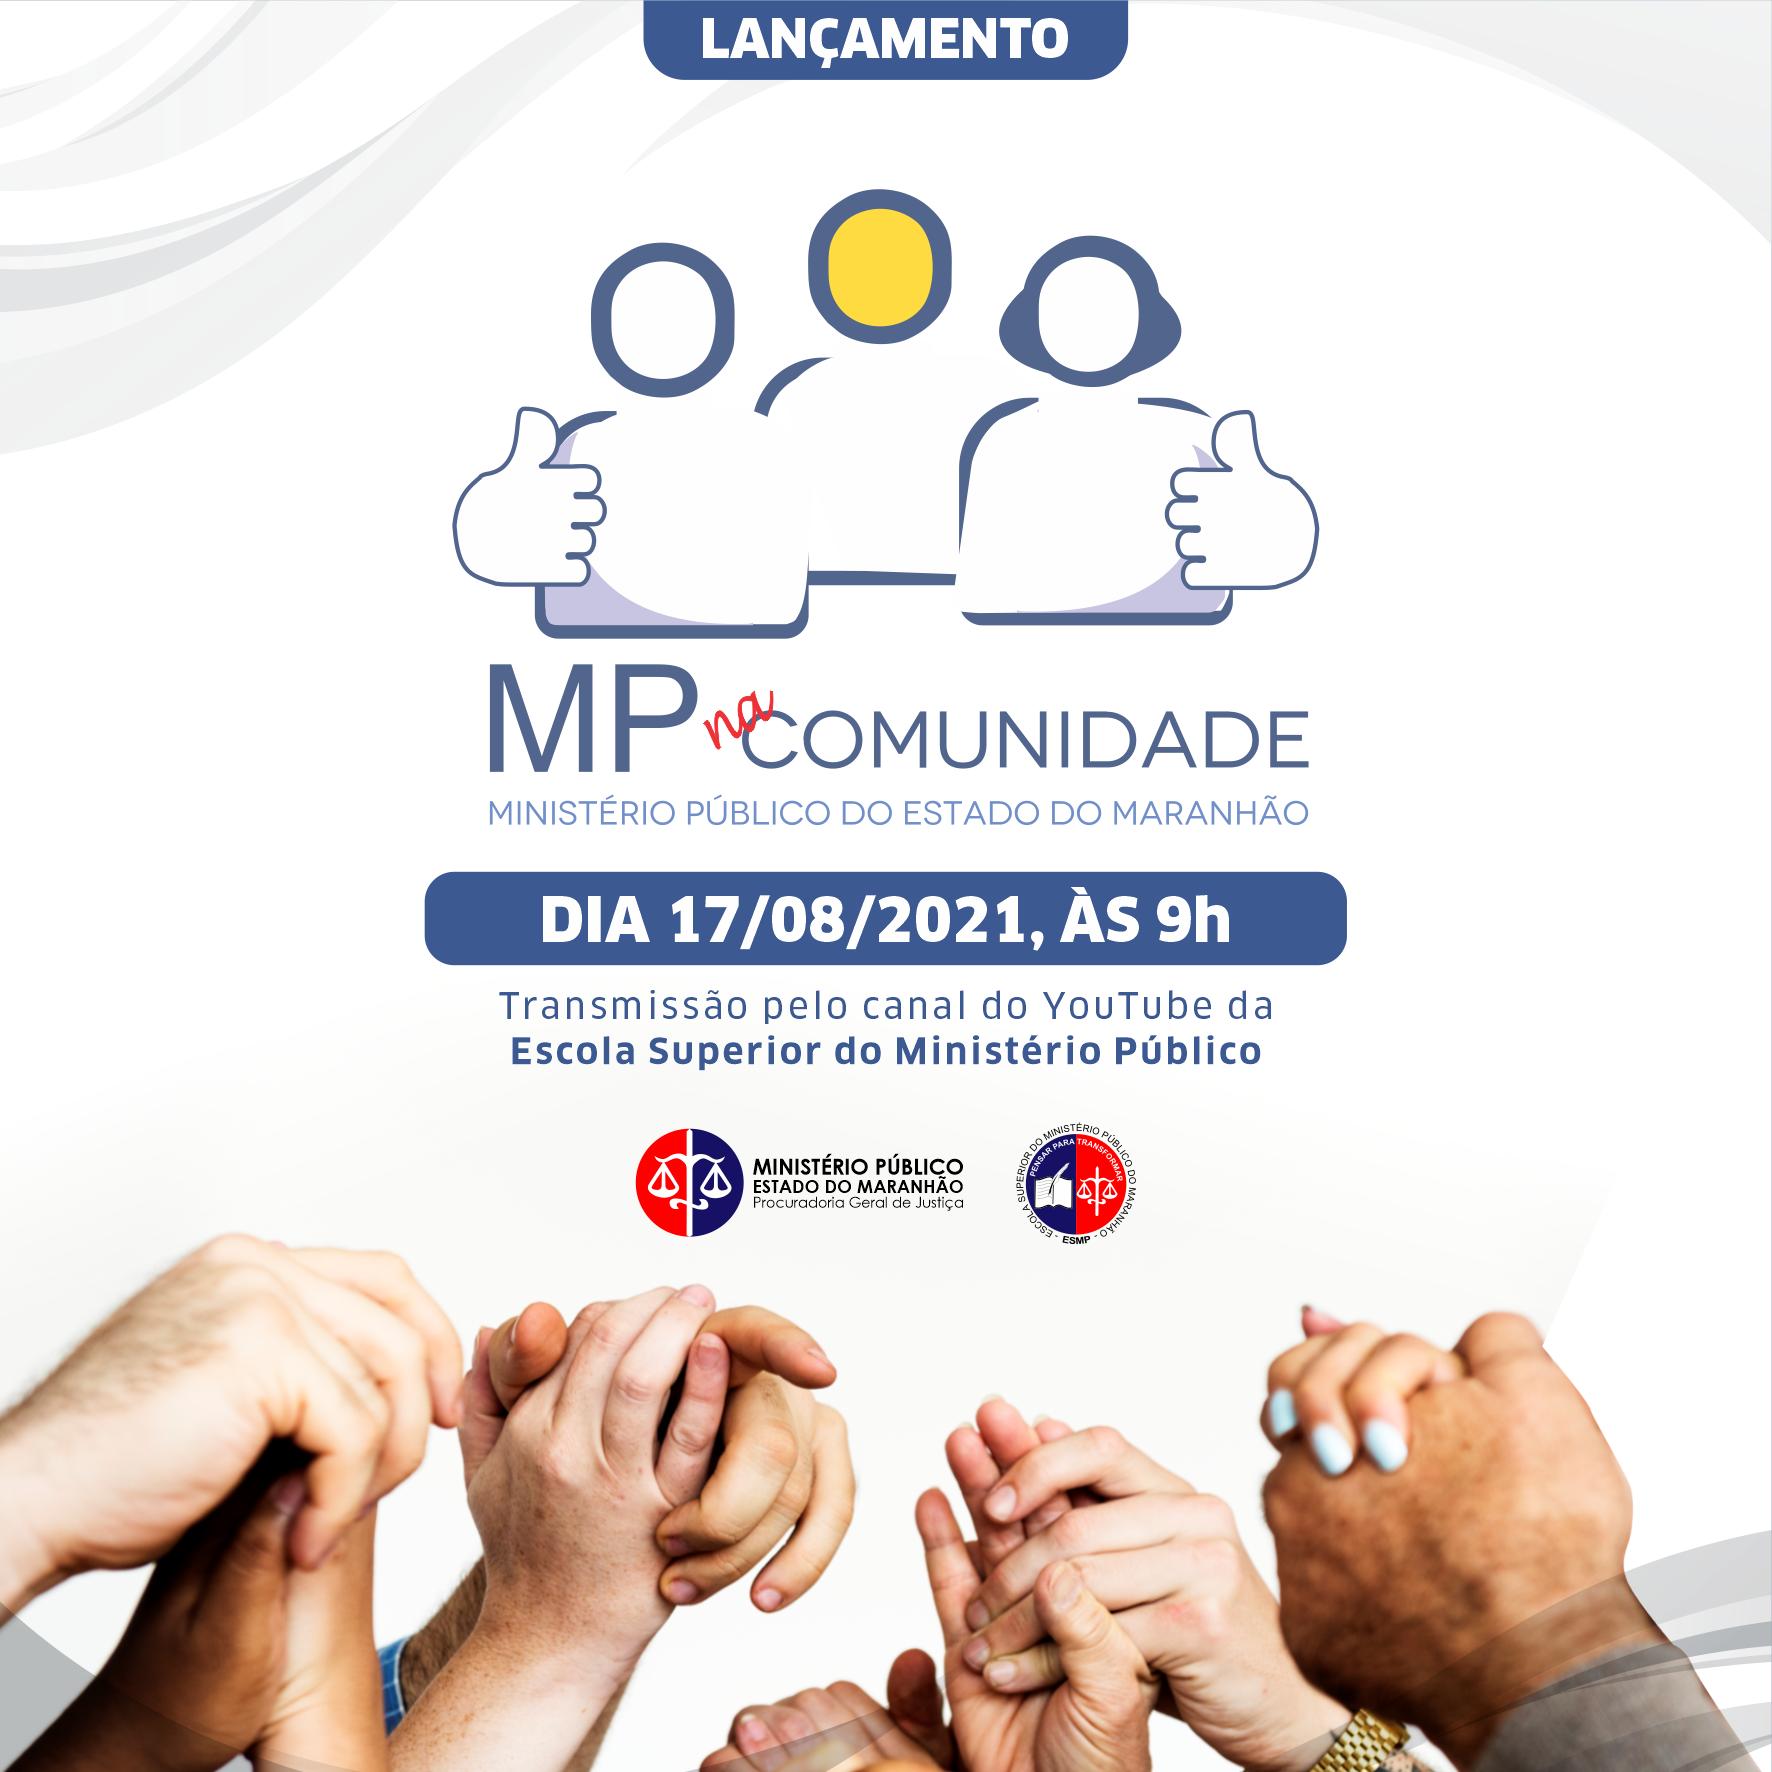 MP na Comunidade - Lançamento do Programa Comunitário de Mediação e Práticas Restaurativas